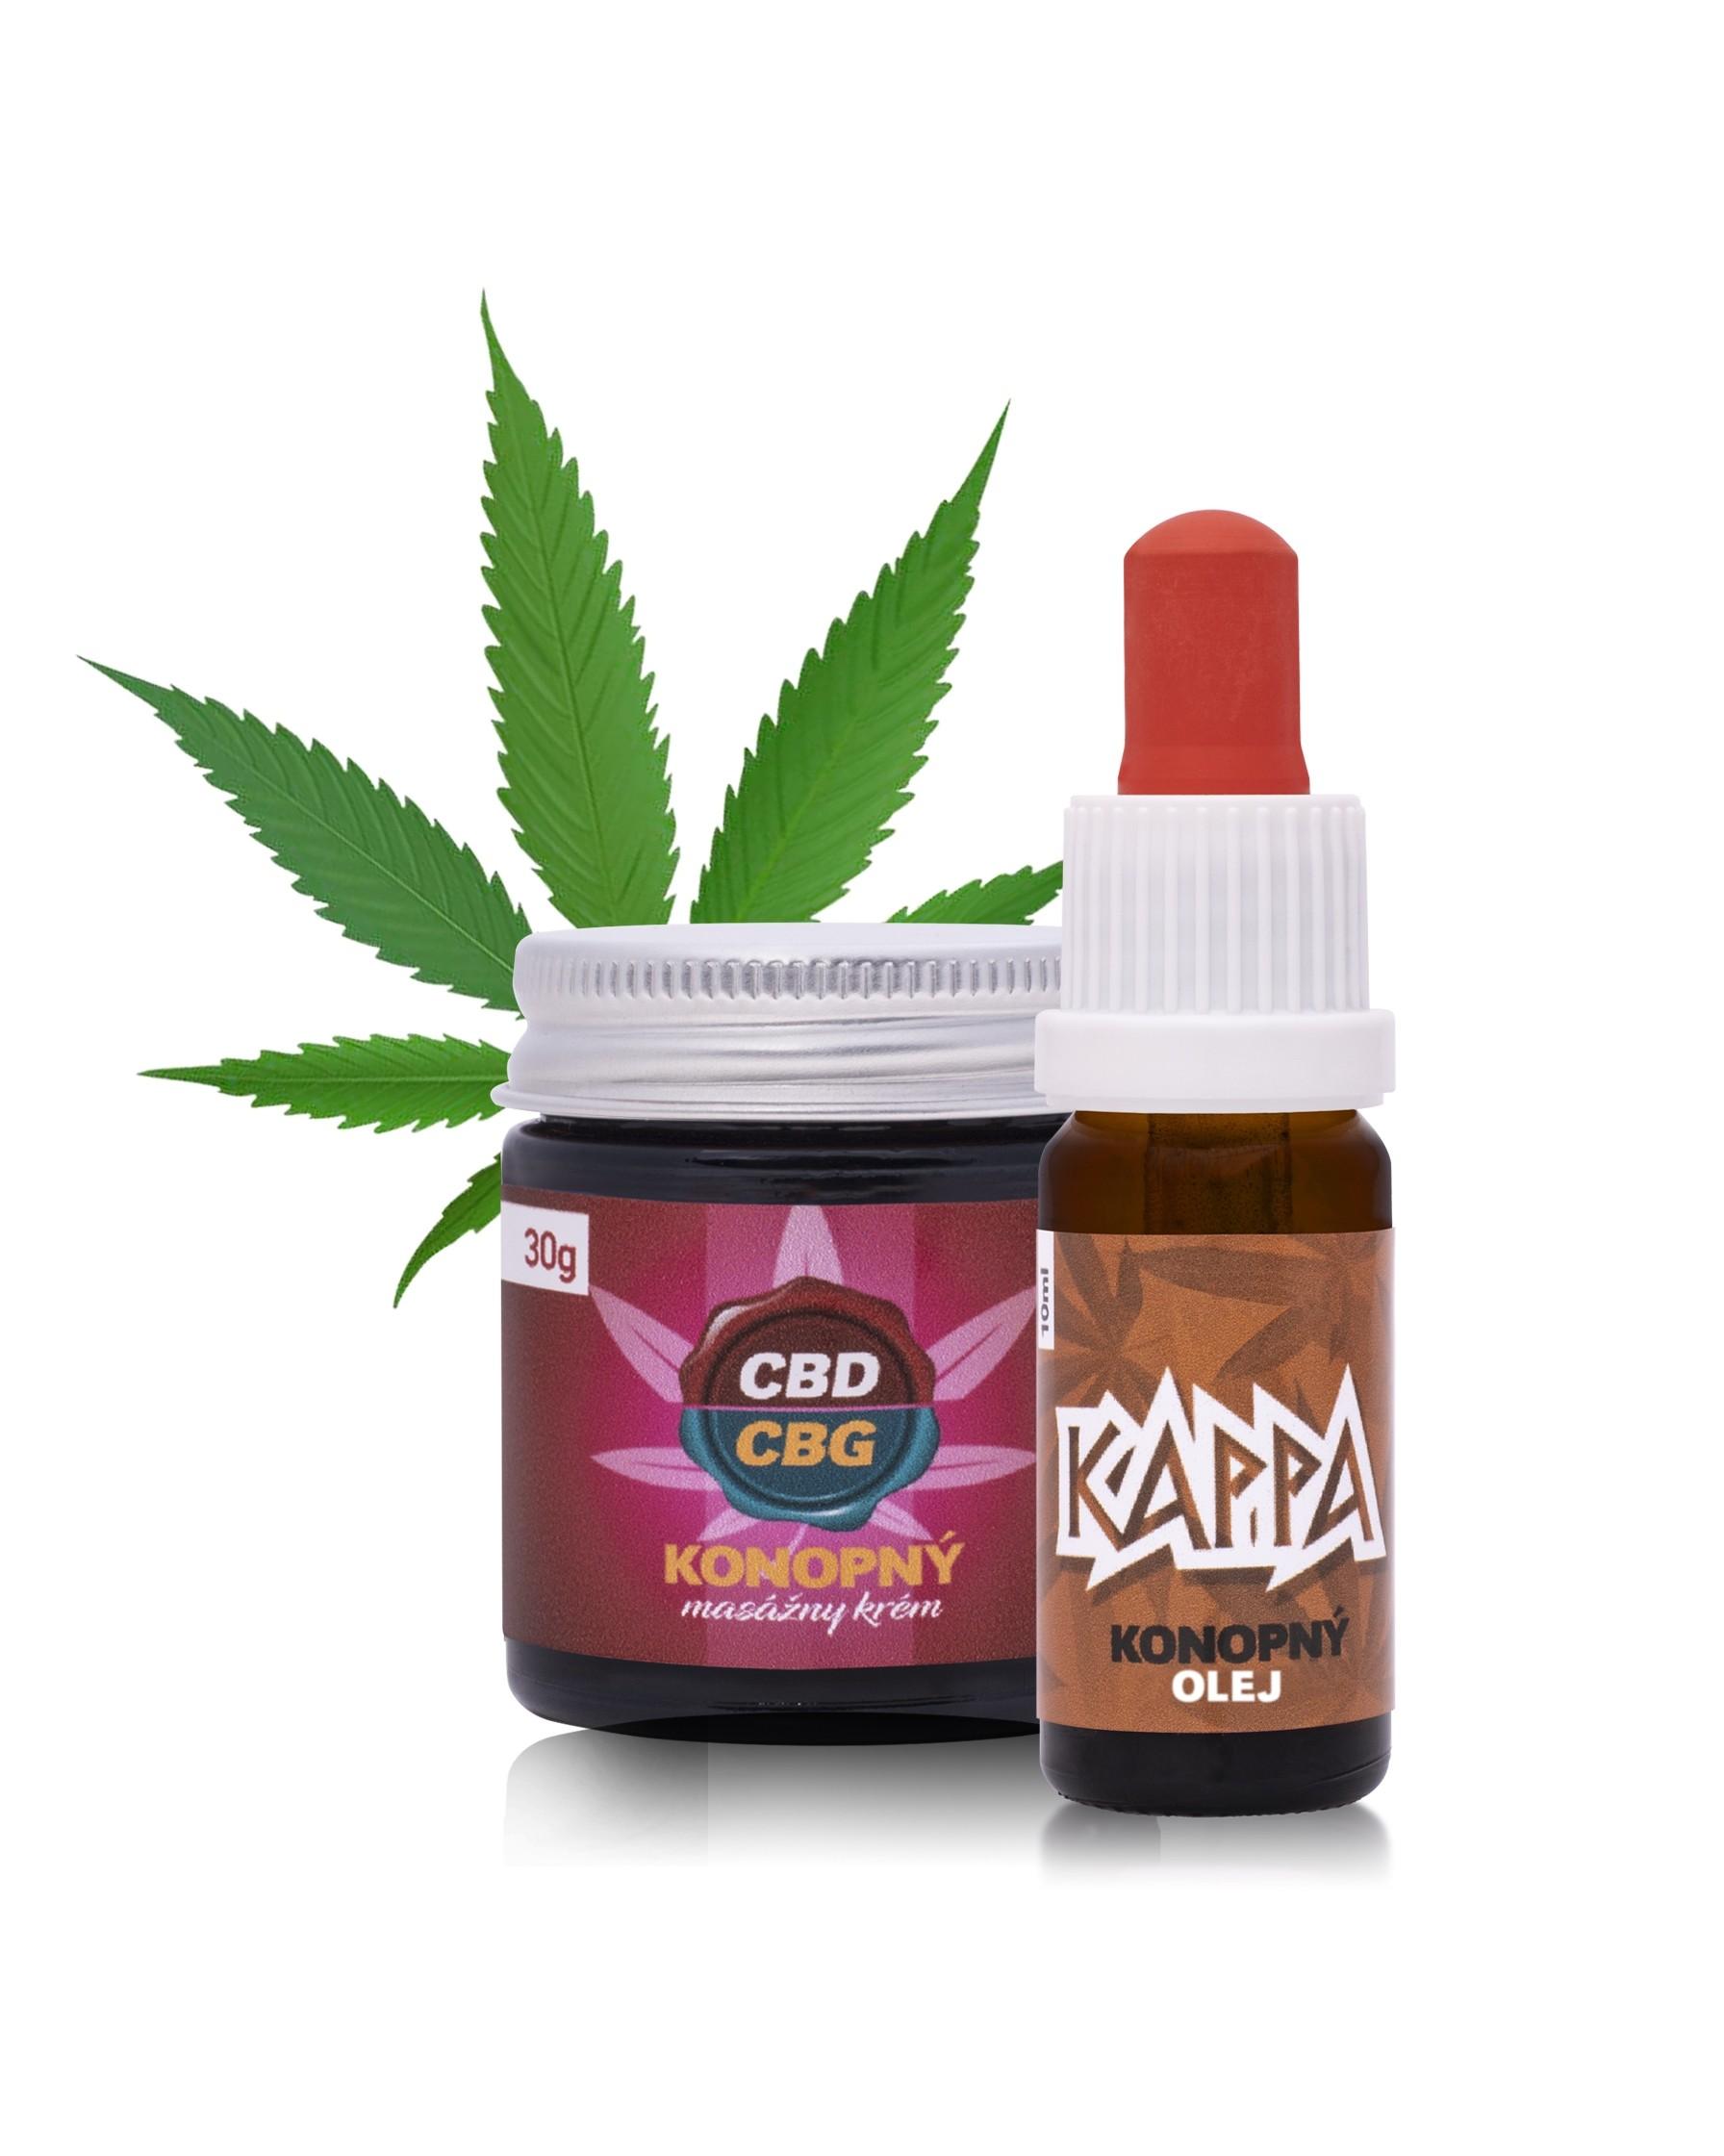 Kappa olej + 10% CBD / CBG masážny krém